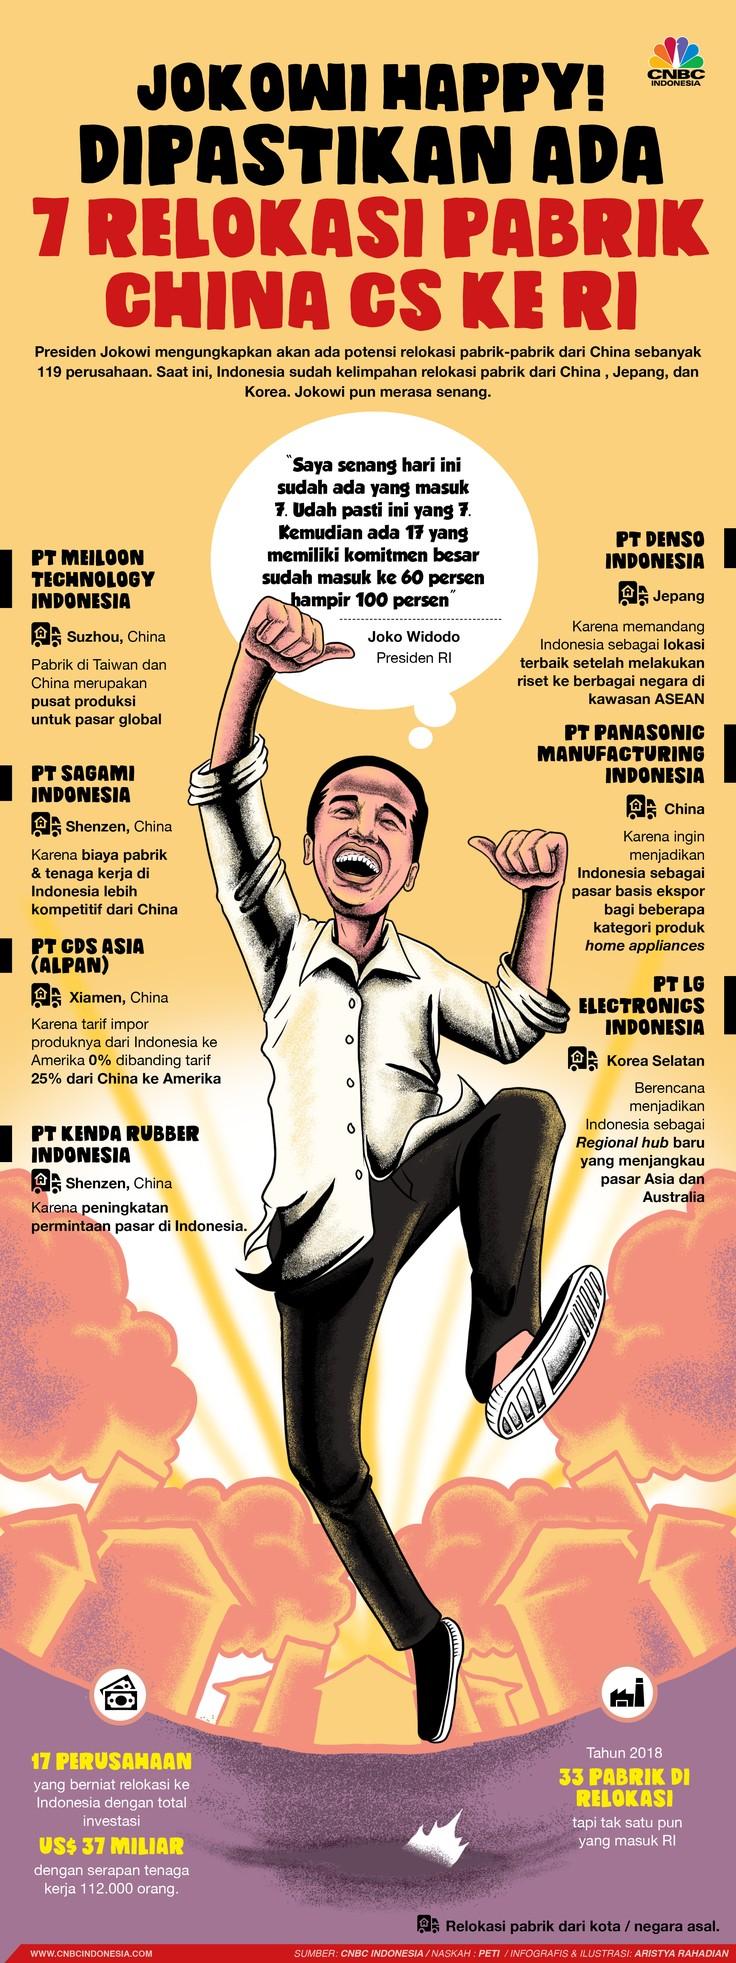 Jokowi Happy! Dipastikan Ada  7 Relokasi Pabrik China Cs ke RI